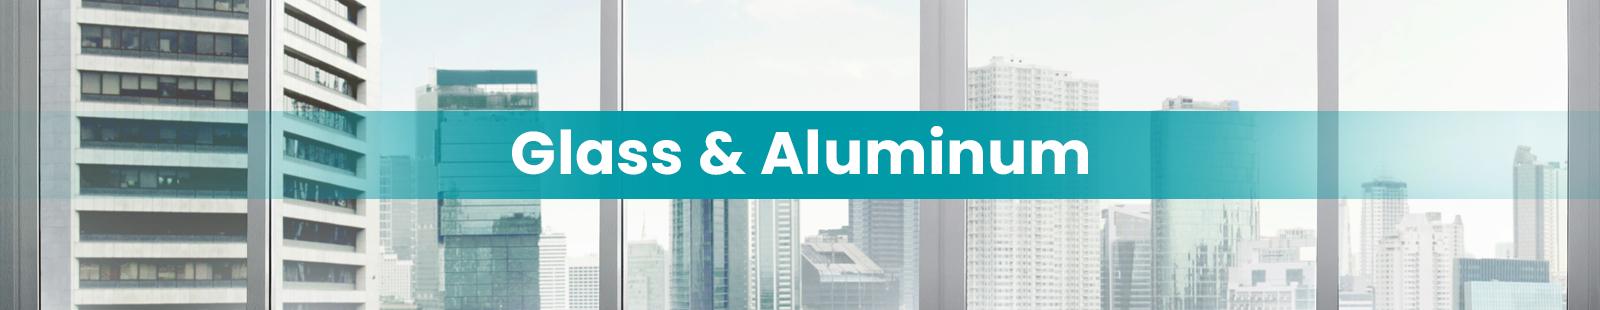 Glass-&-Aluminum